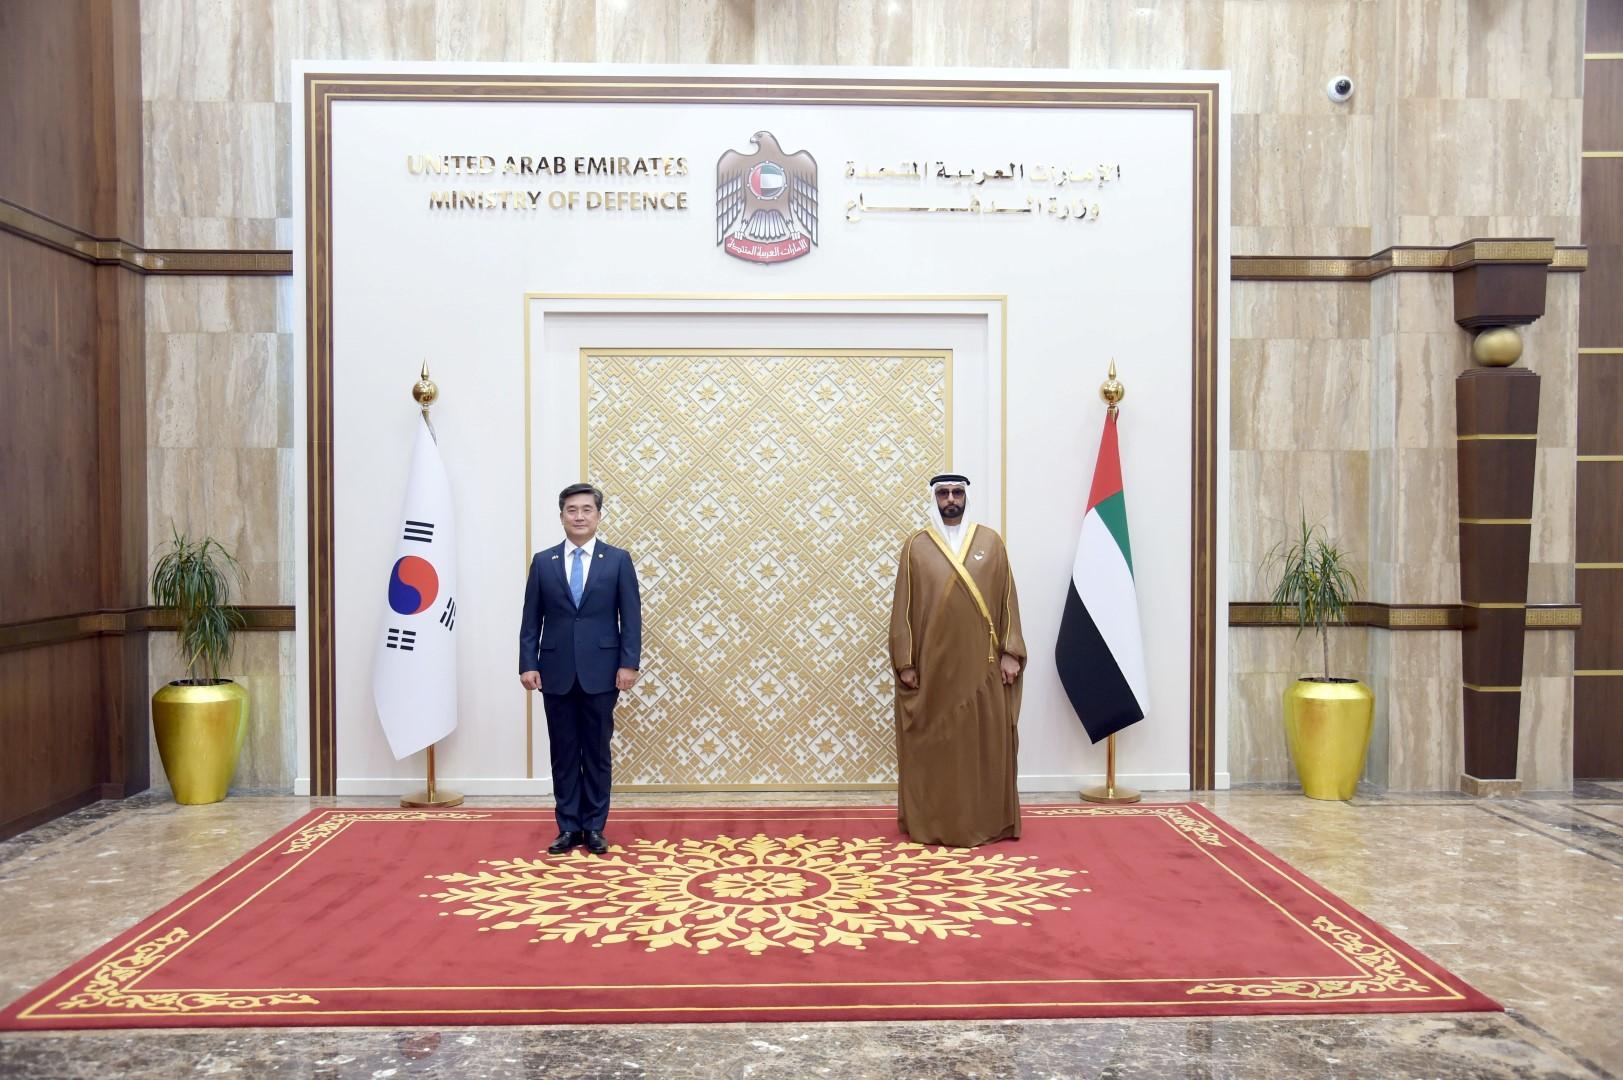 البواردي يترأس اجتماعات اللجنة العسكرية المشتركة العليا بين الإمارات وكوريا